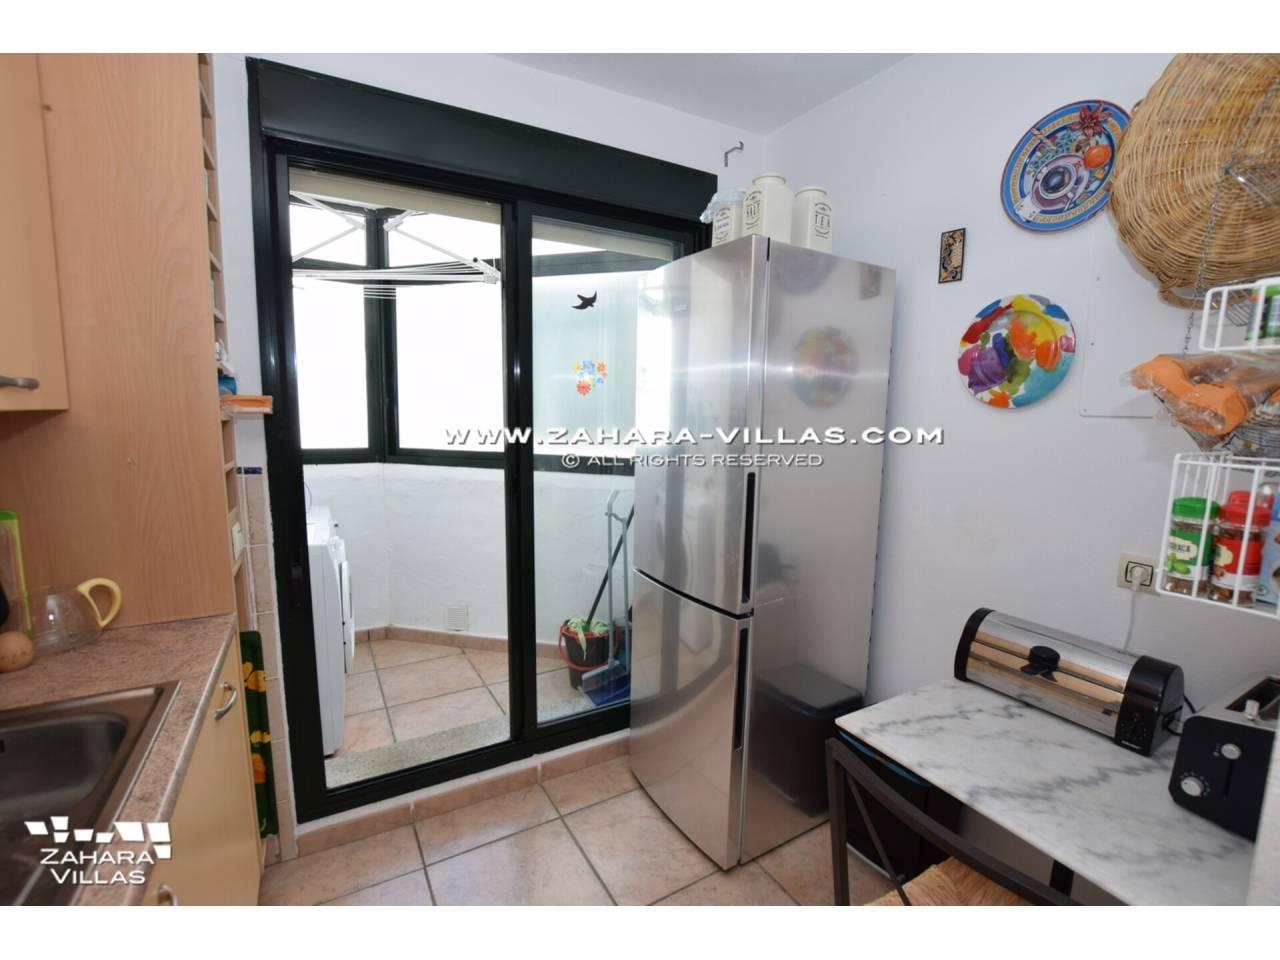 Imagen 42 de Penthouse apartment for sale in Zahara de los Atunes